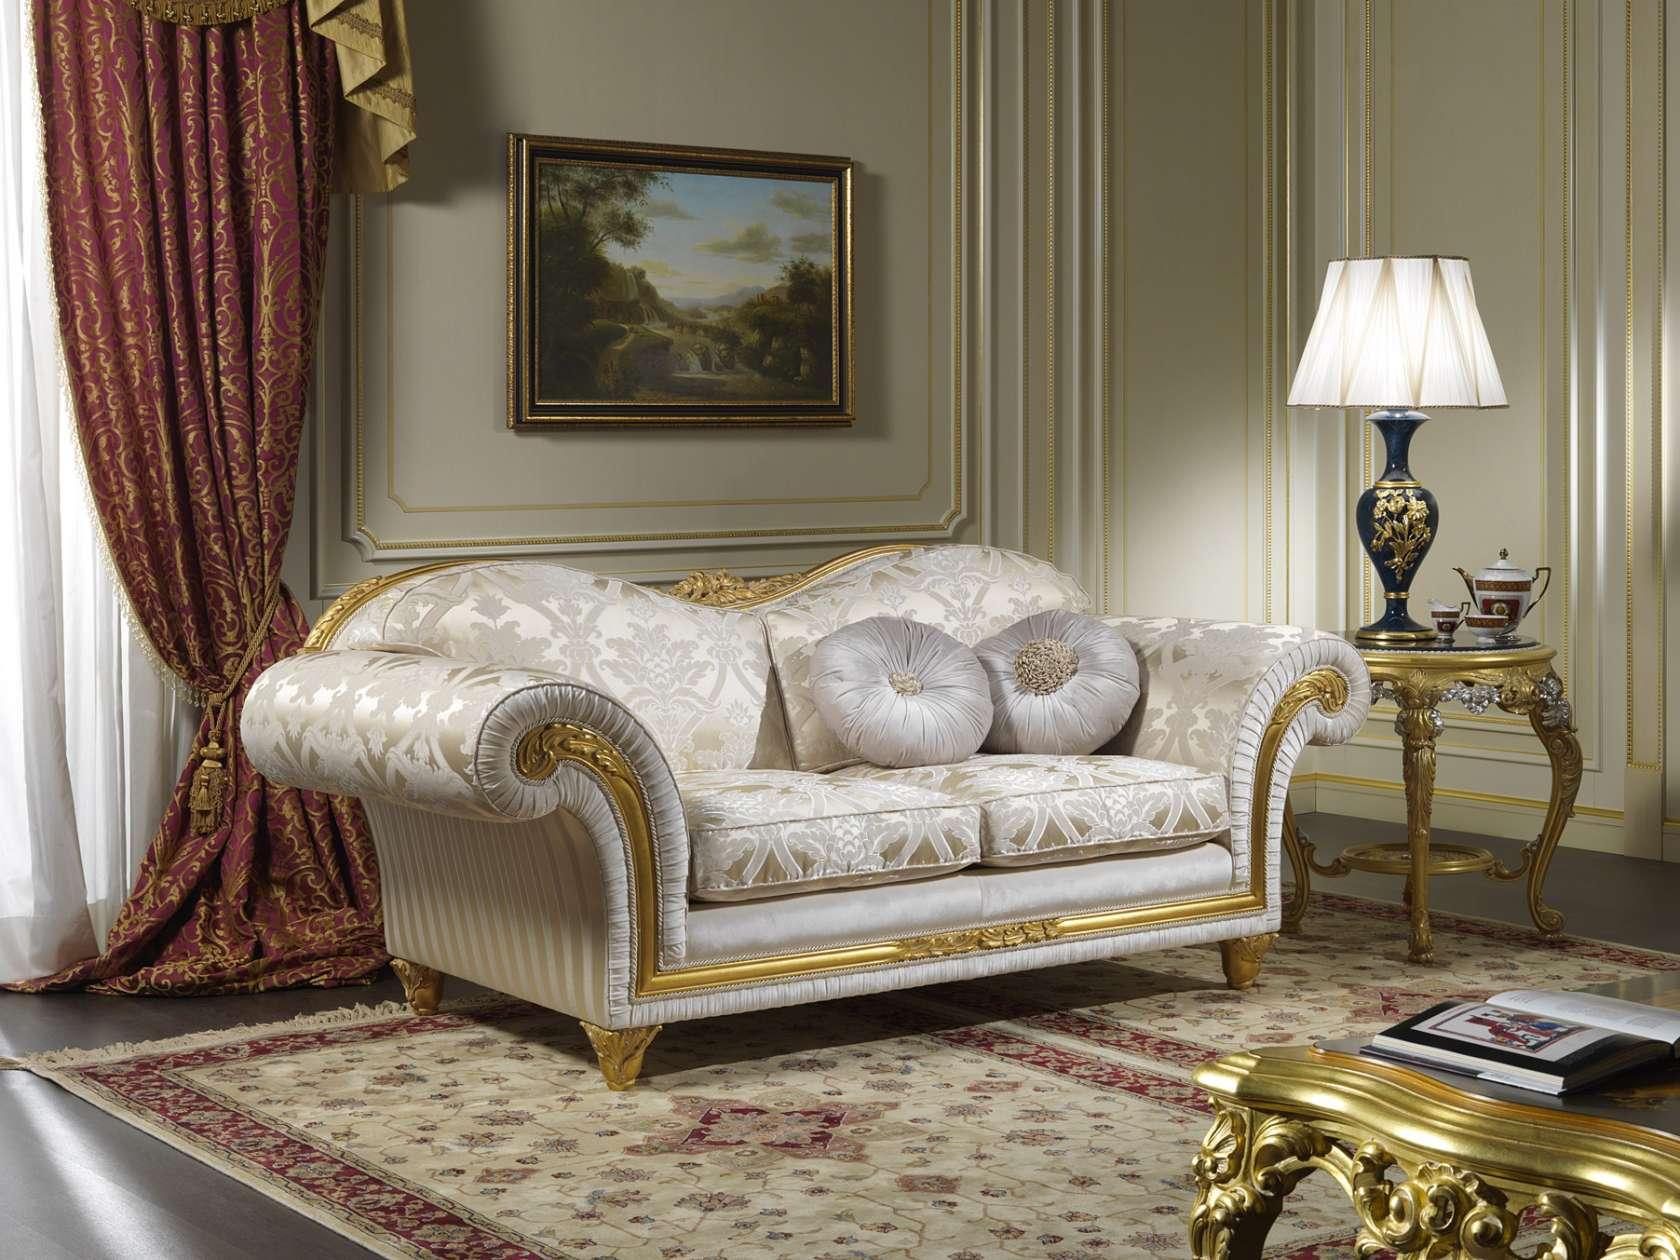 Arredamento per salotto in stile classico excelsior for Arredamento per salotto